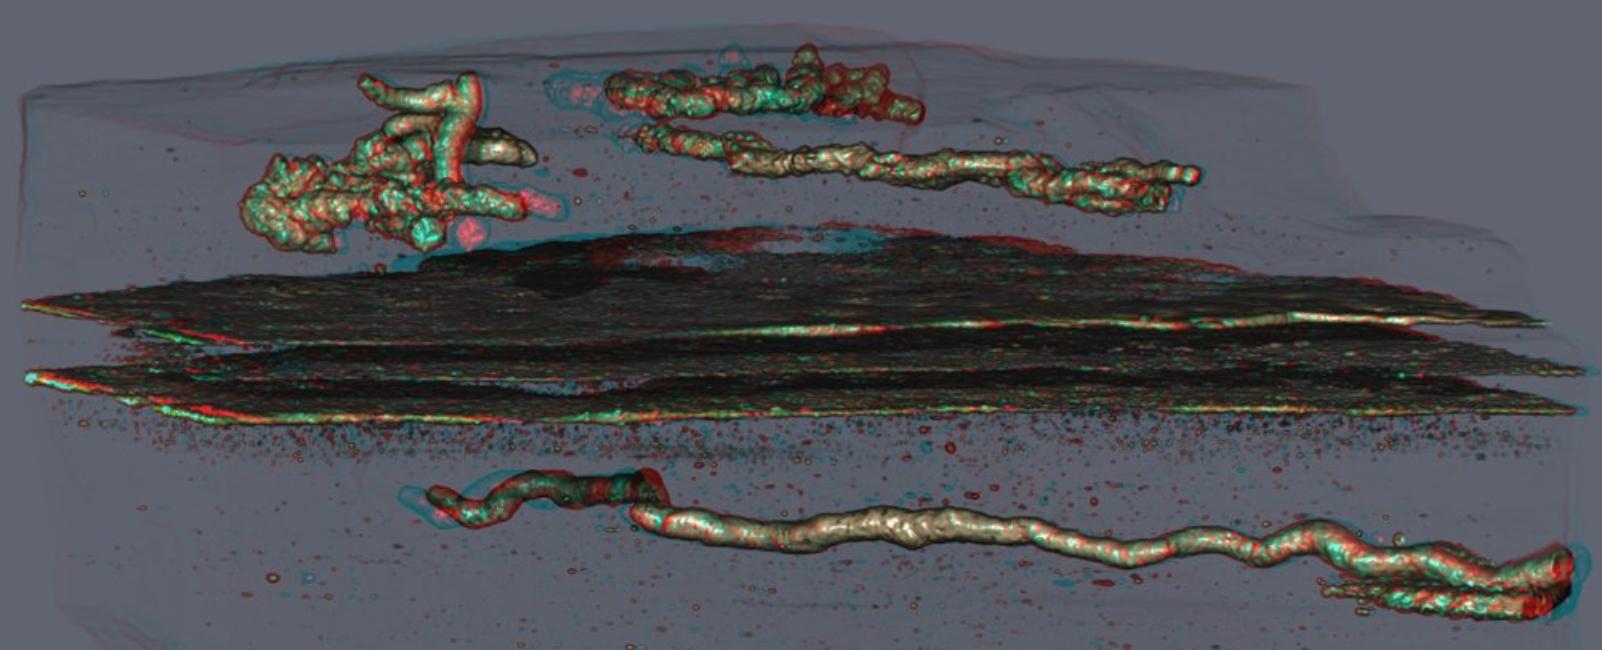 Este fósil de 2.1 mil millones de años de antigüedad puede ser evidencia de la forma de vida móvil más antigua